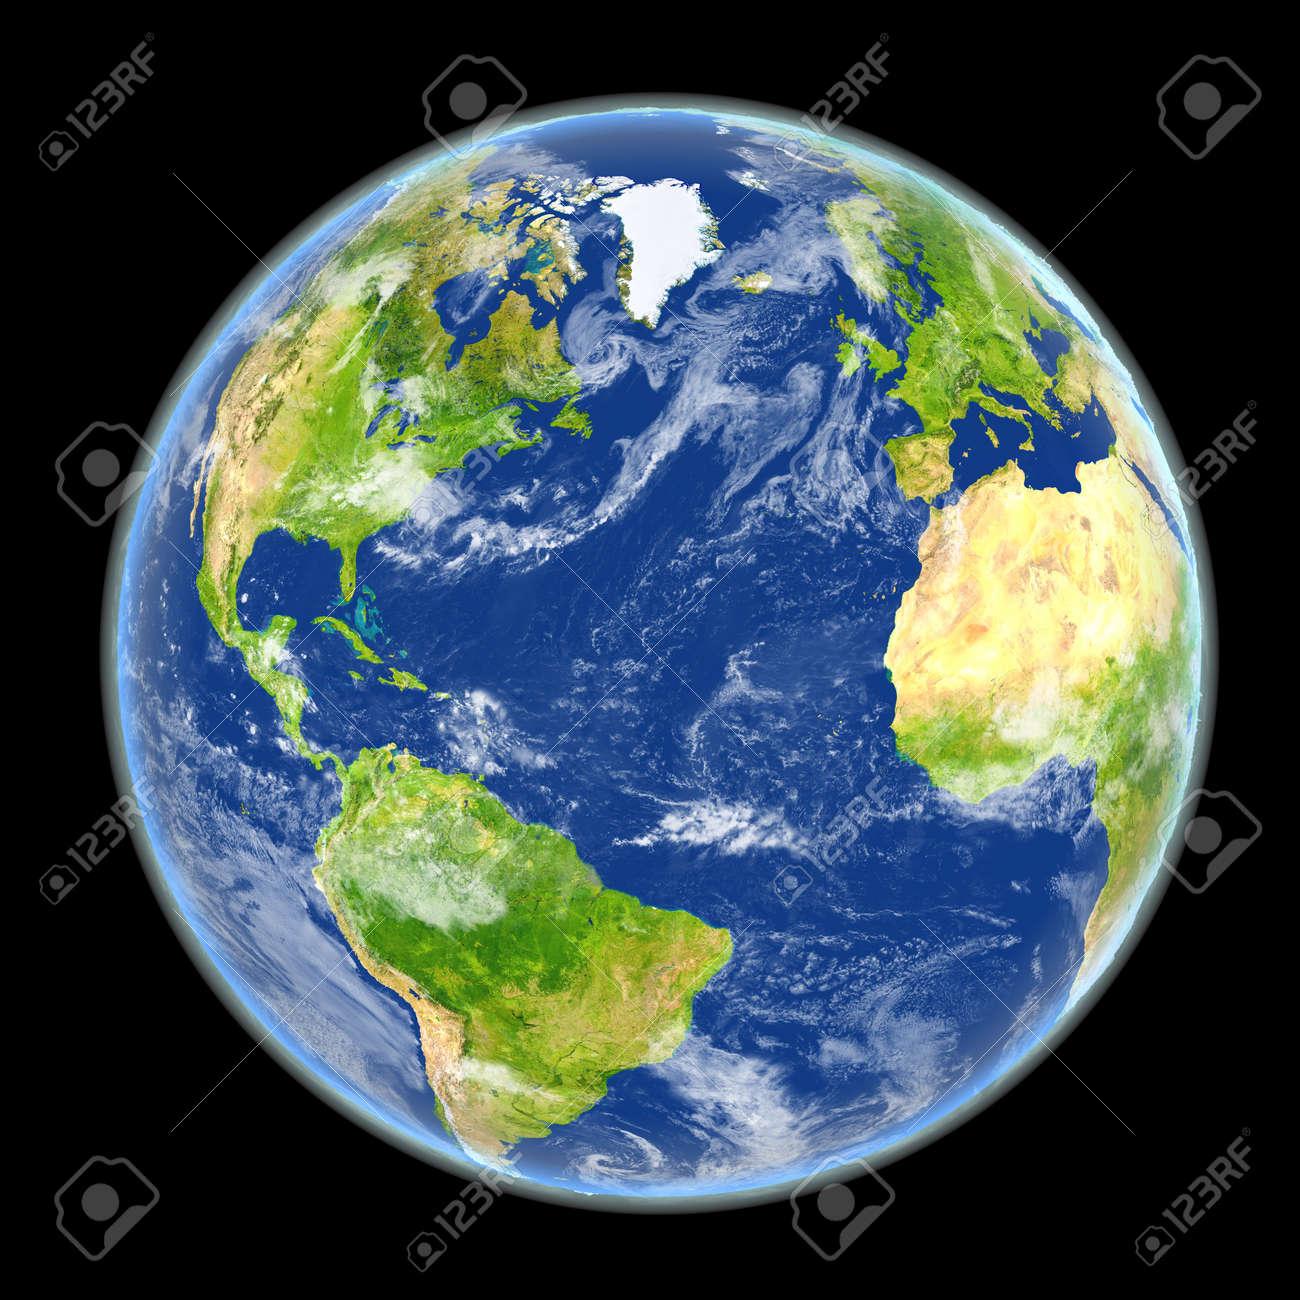 Vista Satelital Del Hemisferio Norte En El Planeta Tierra